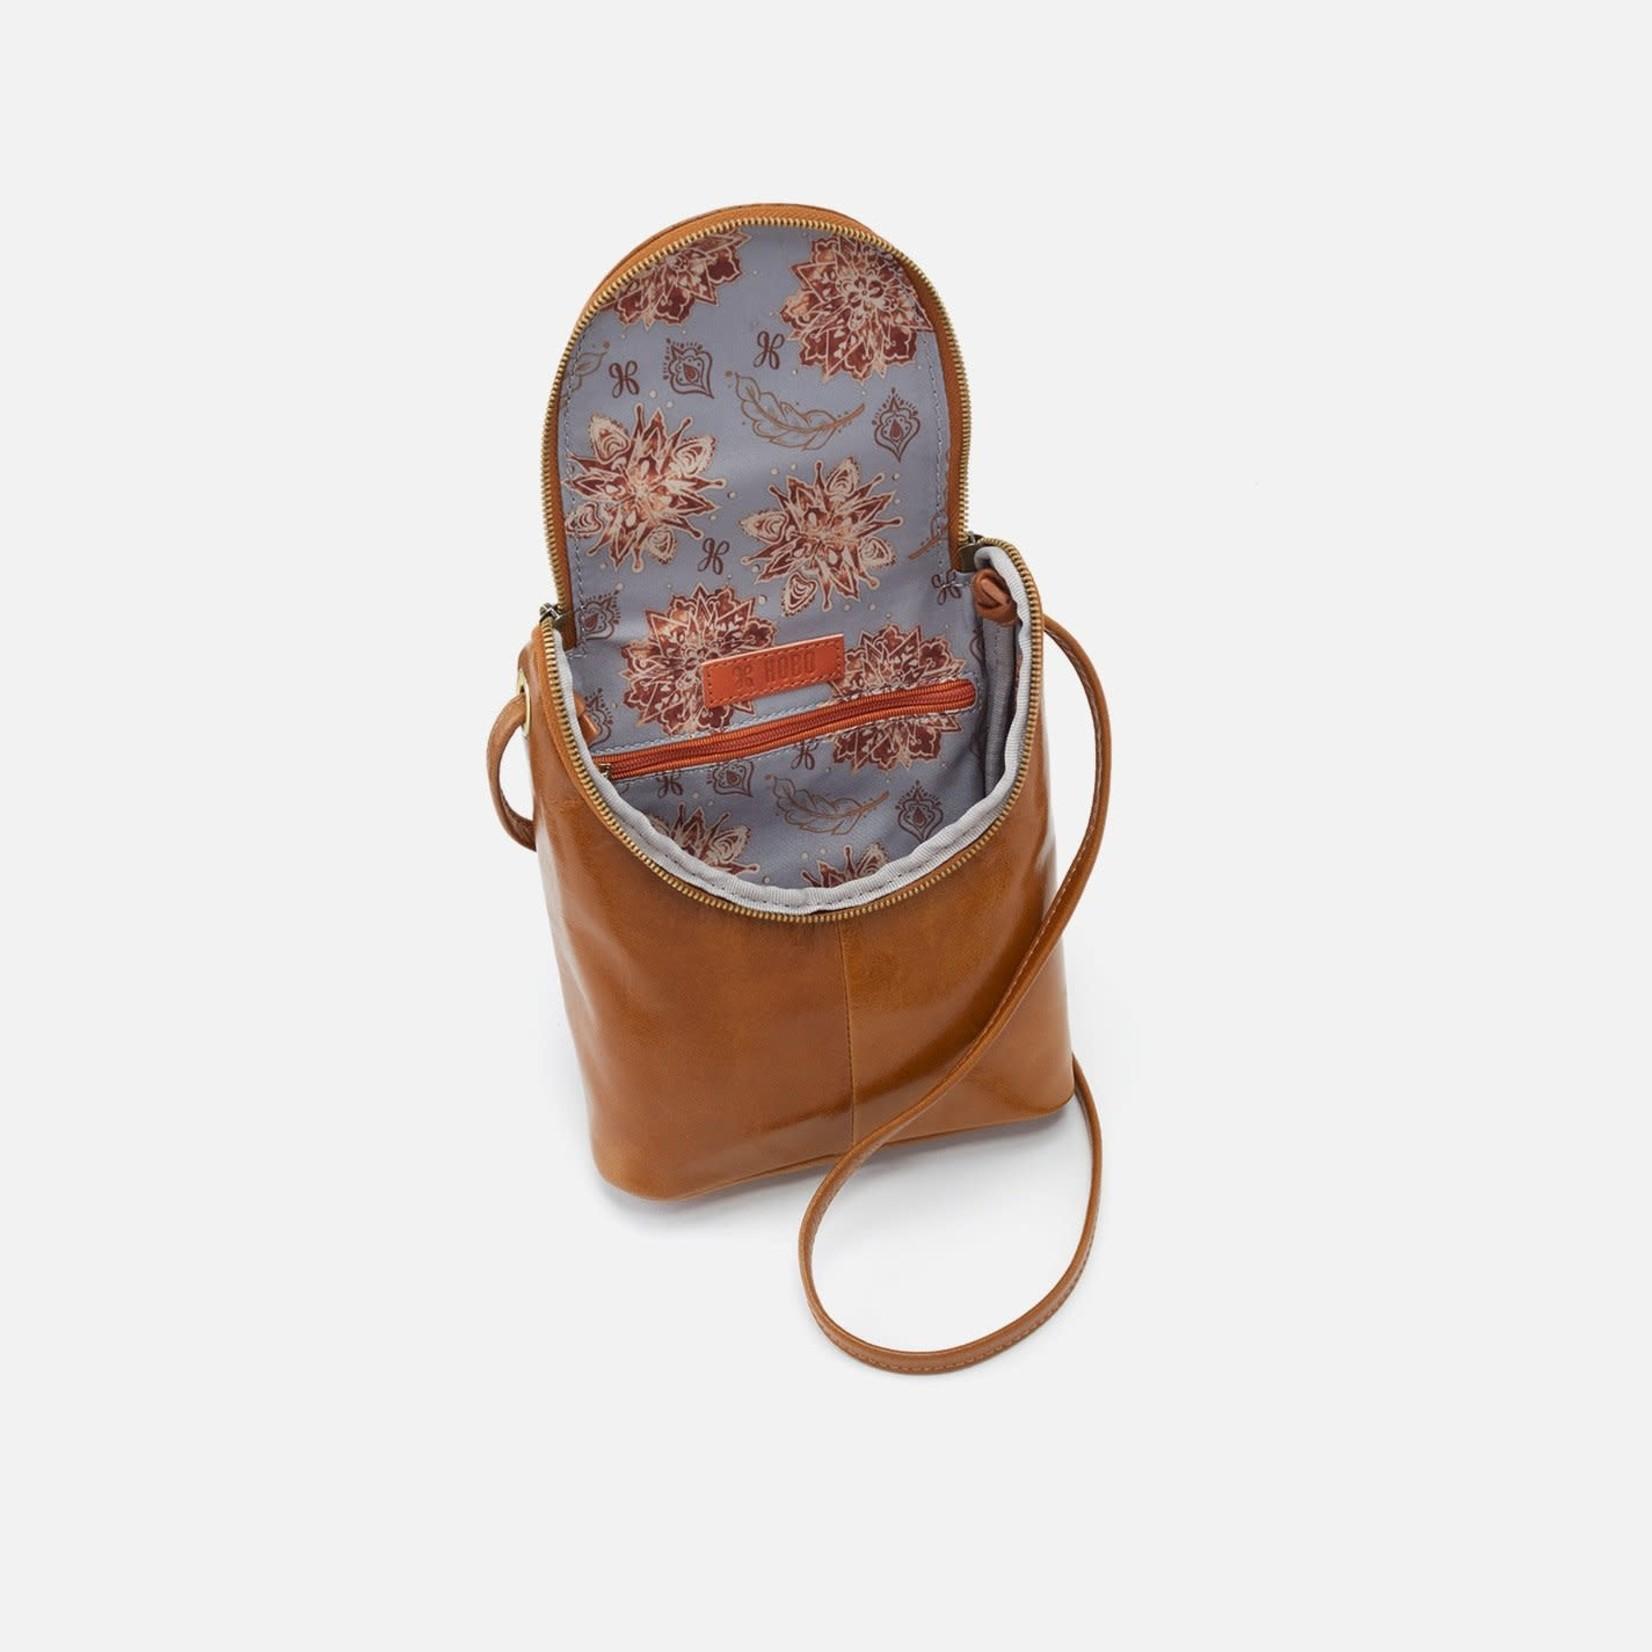 HOBO Fern Truffle Vintage Hide Leather Crossbody